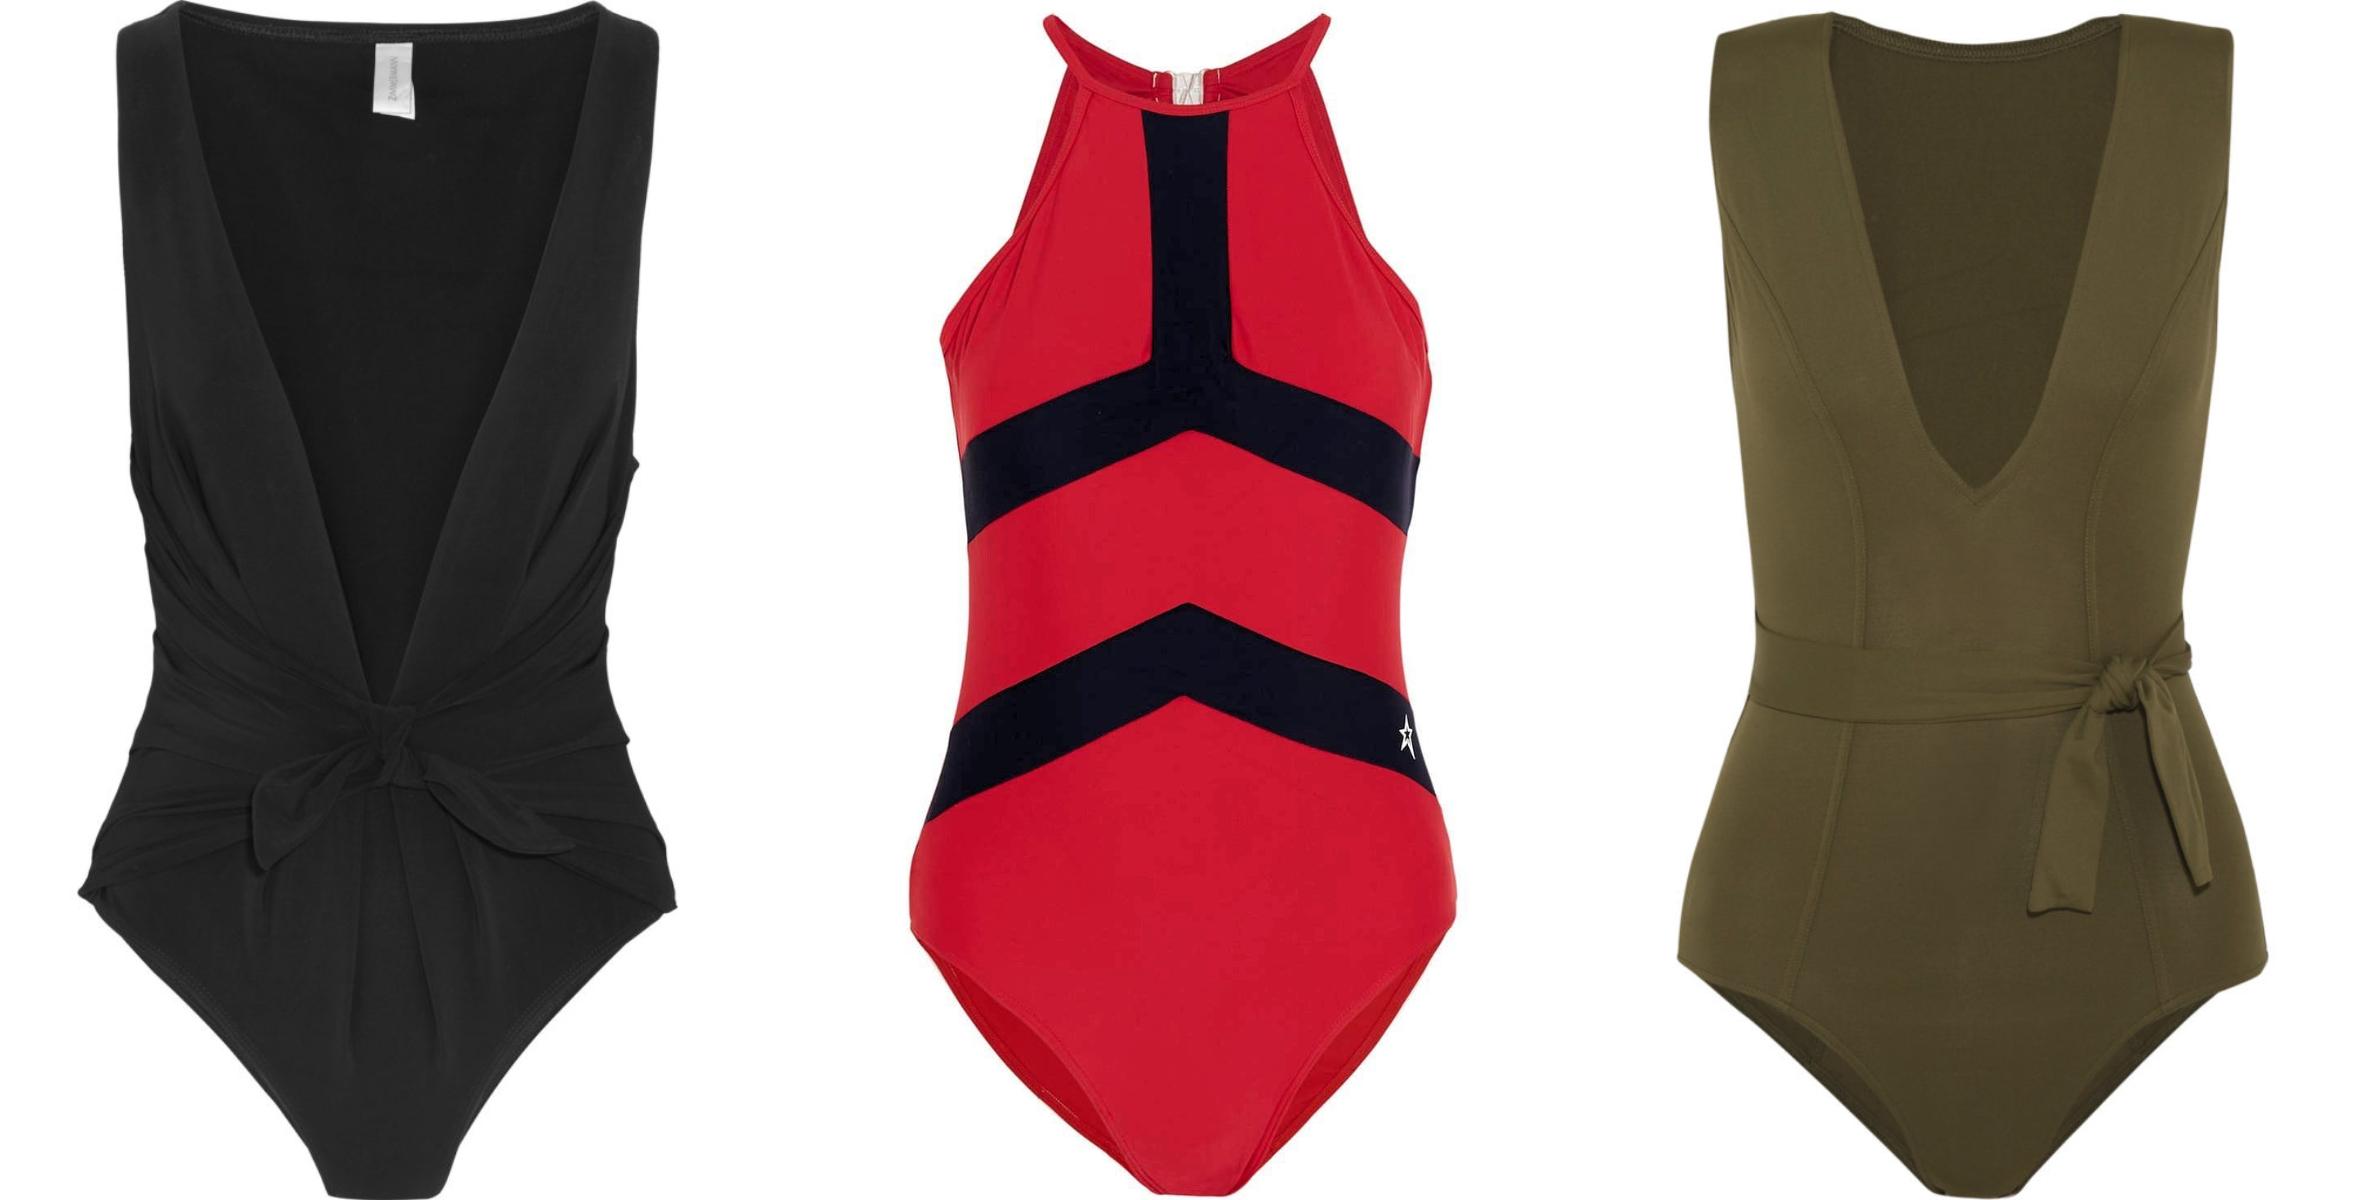 Costumi Da Bagno Pin Up Outlet : Come scegliere il costume la guida completa consulente di